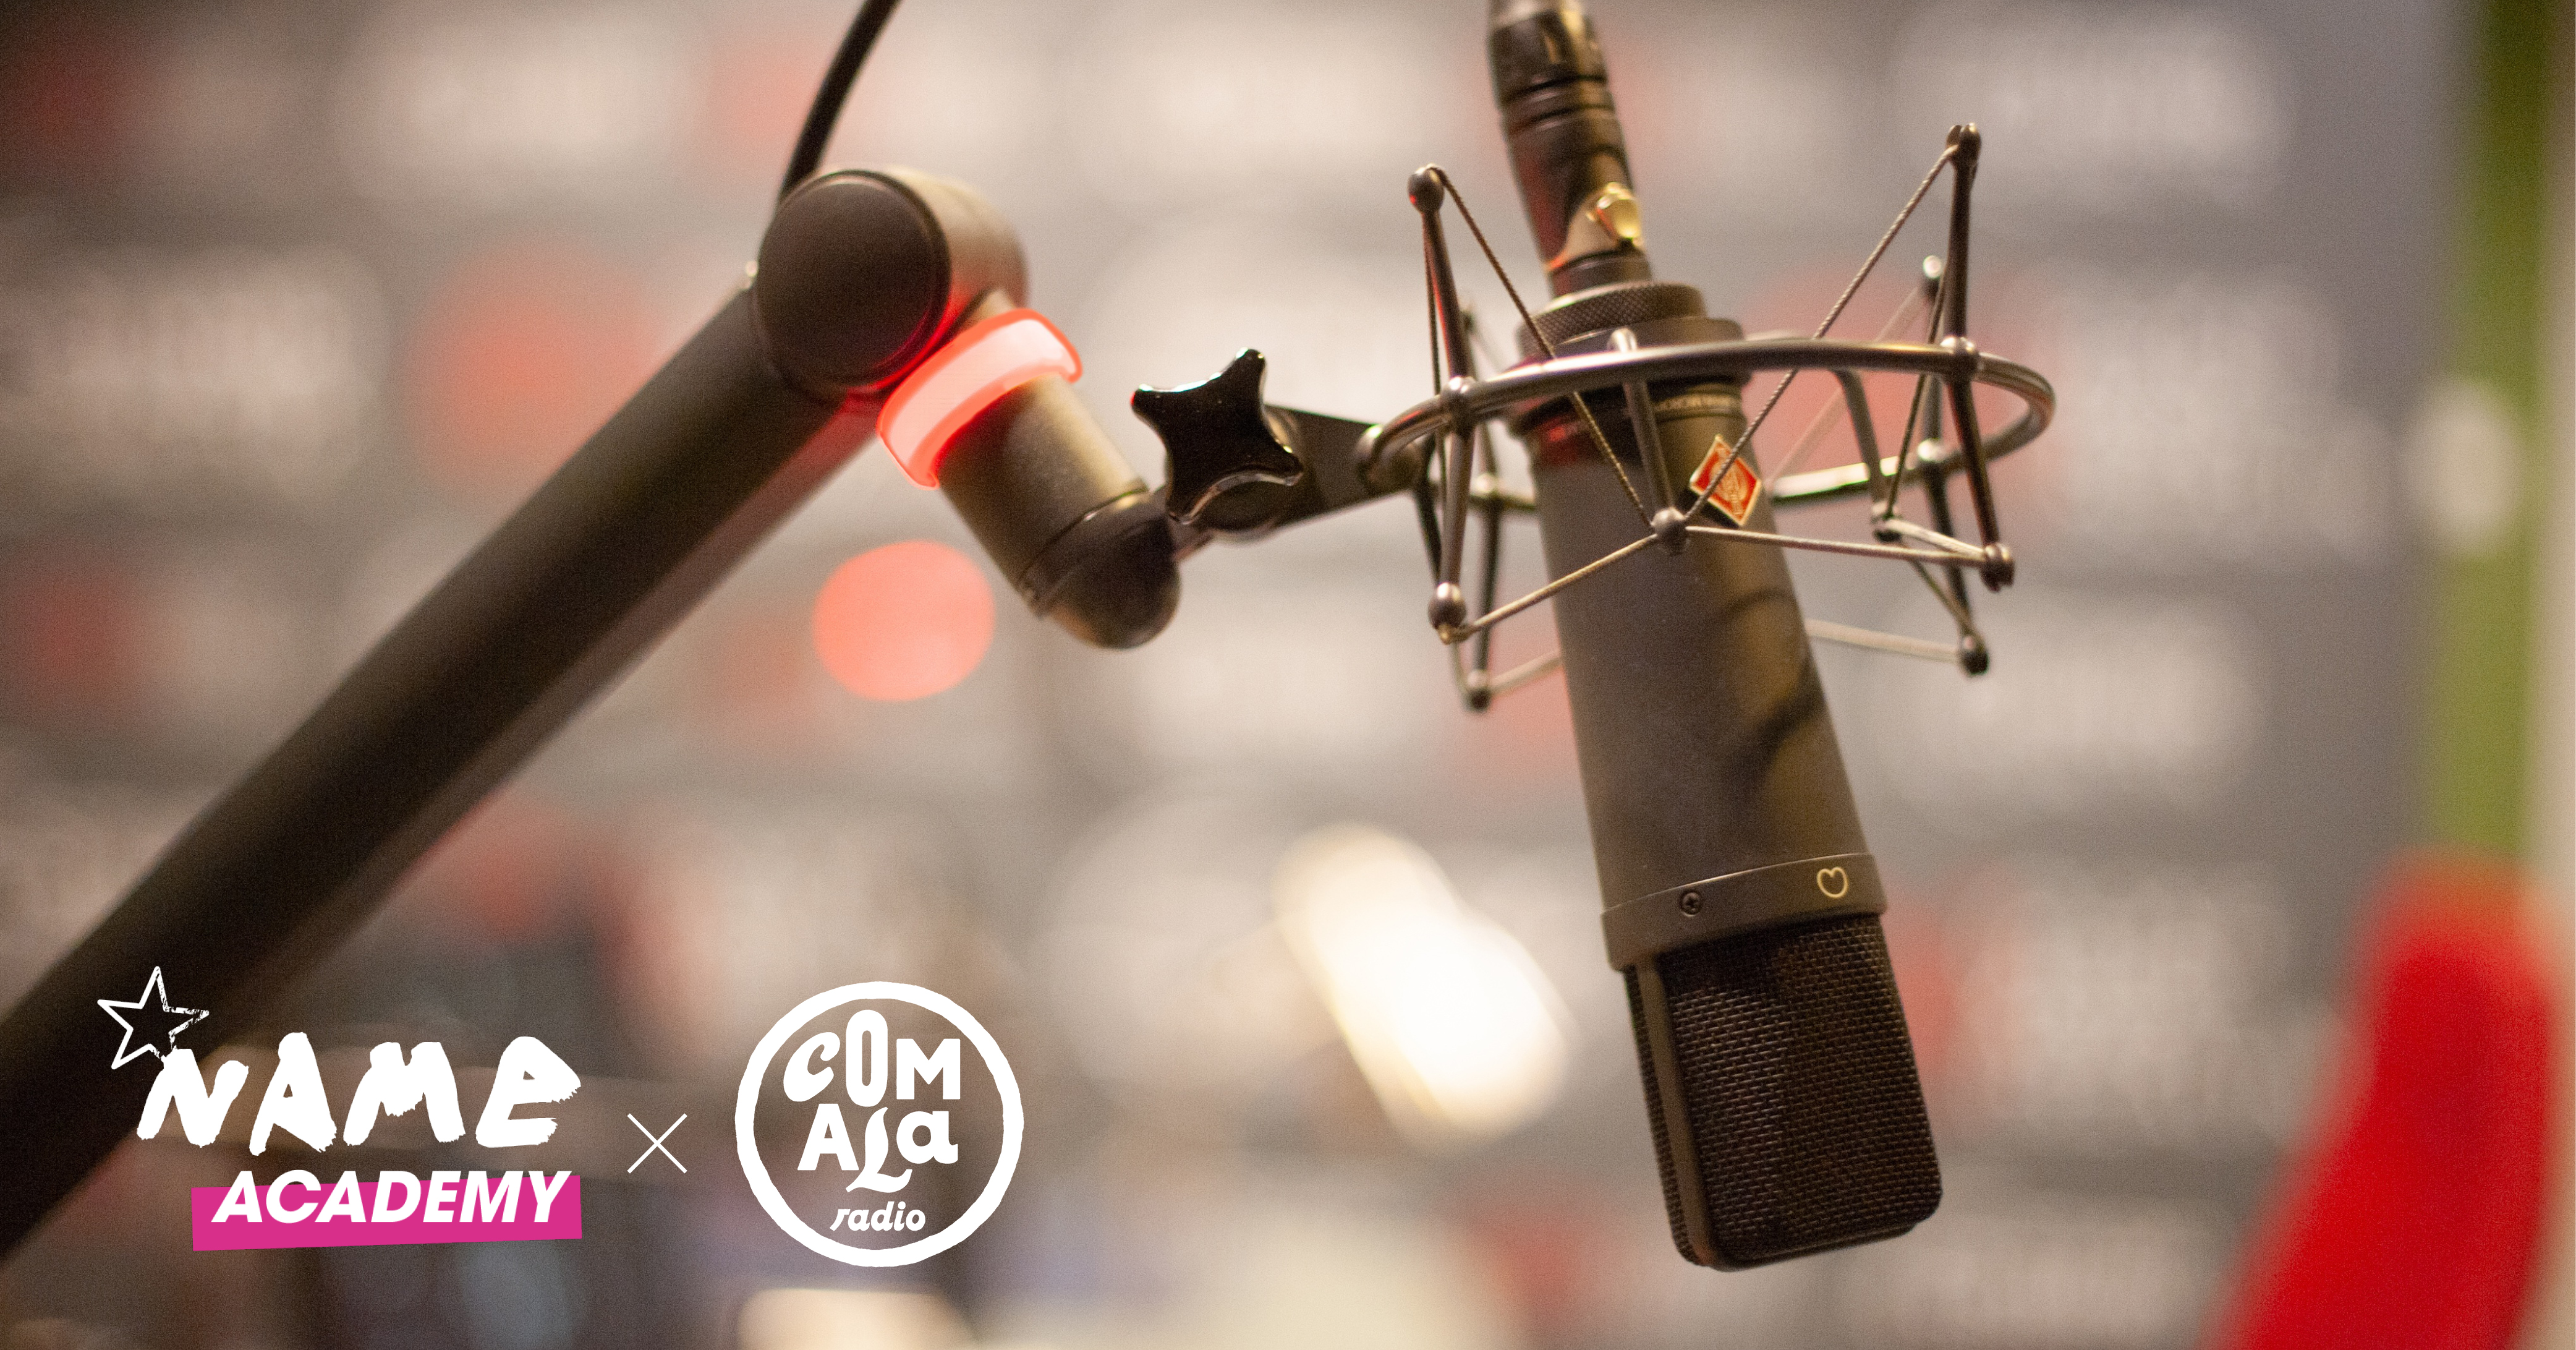 Masterclasse • Créez votre émission de radio ! | NAME Academy 2019